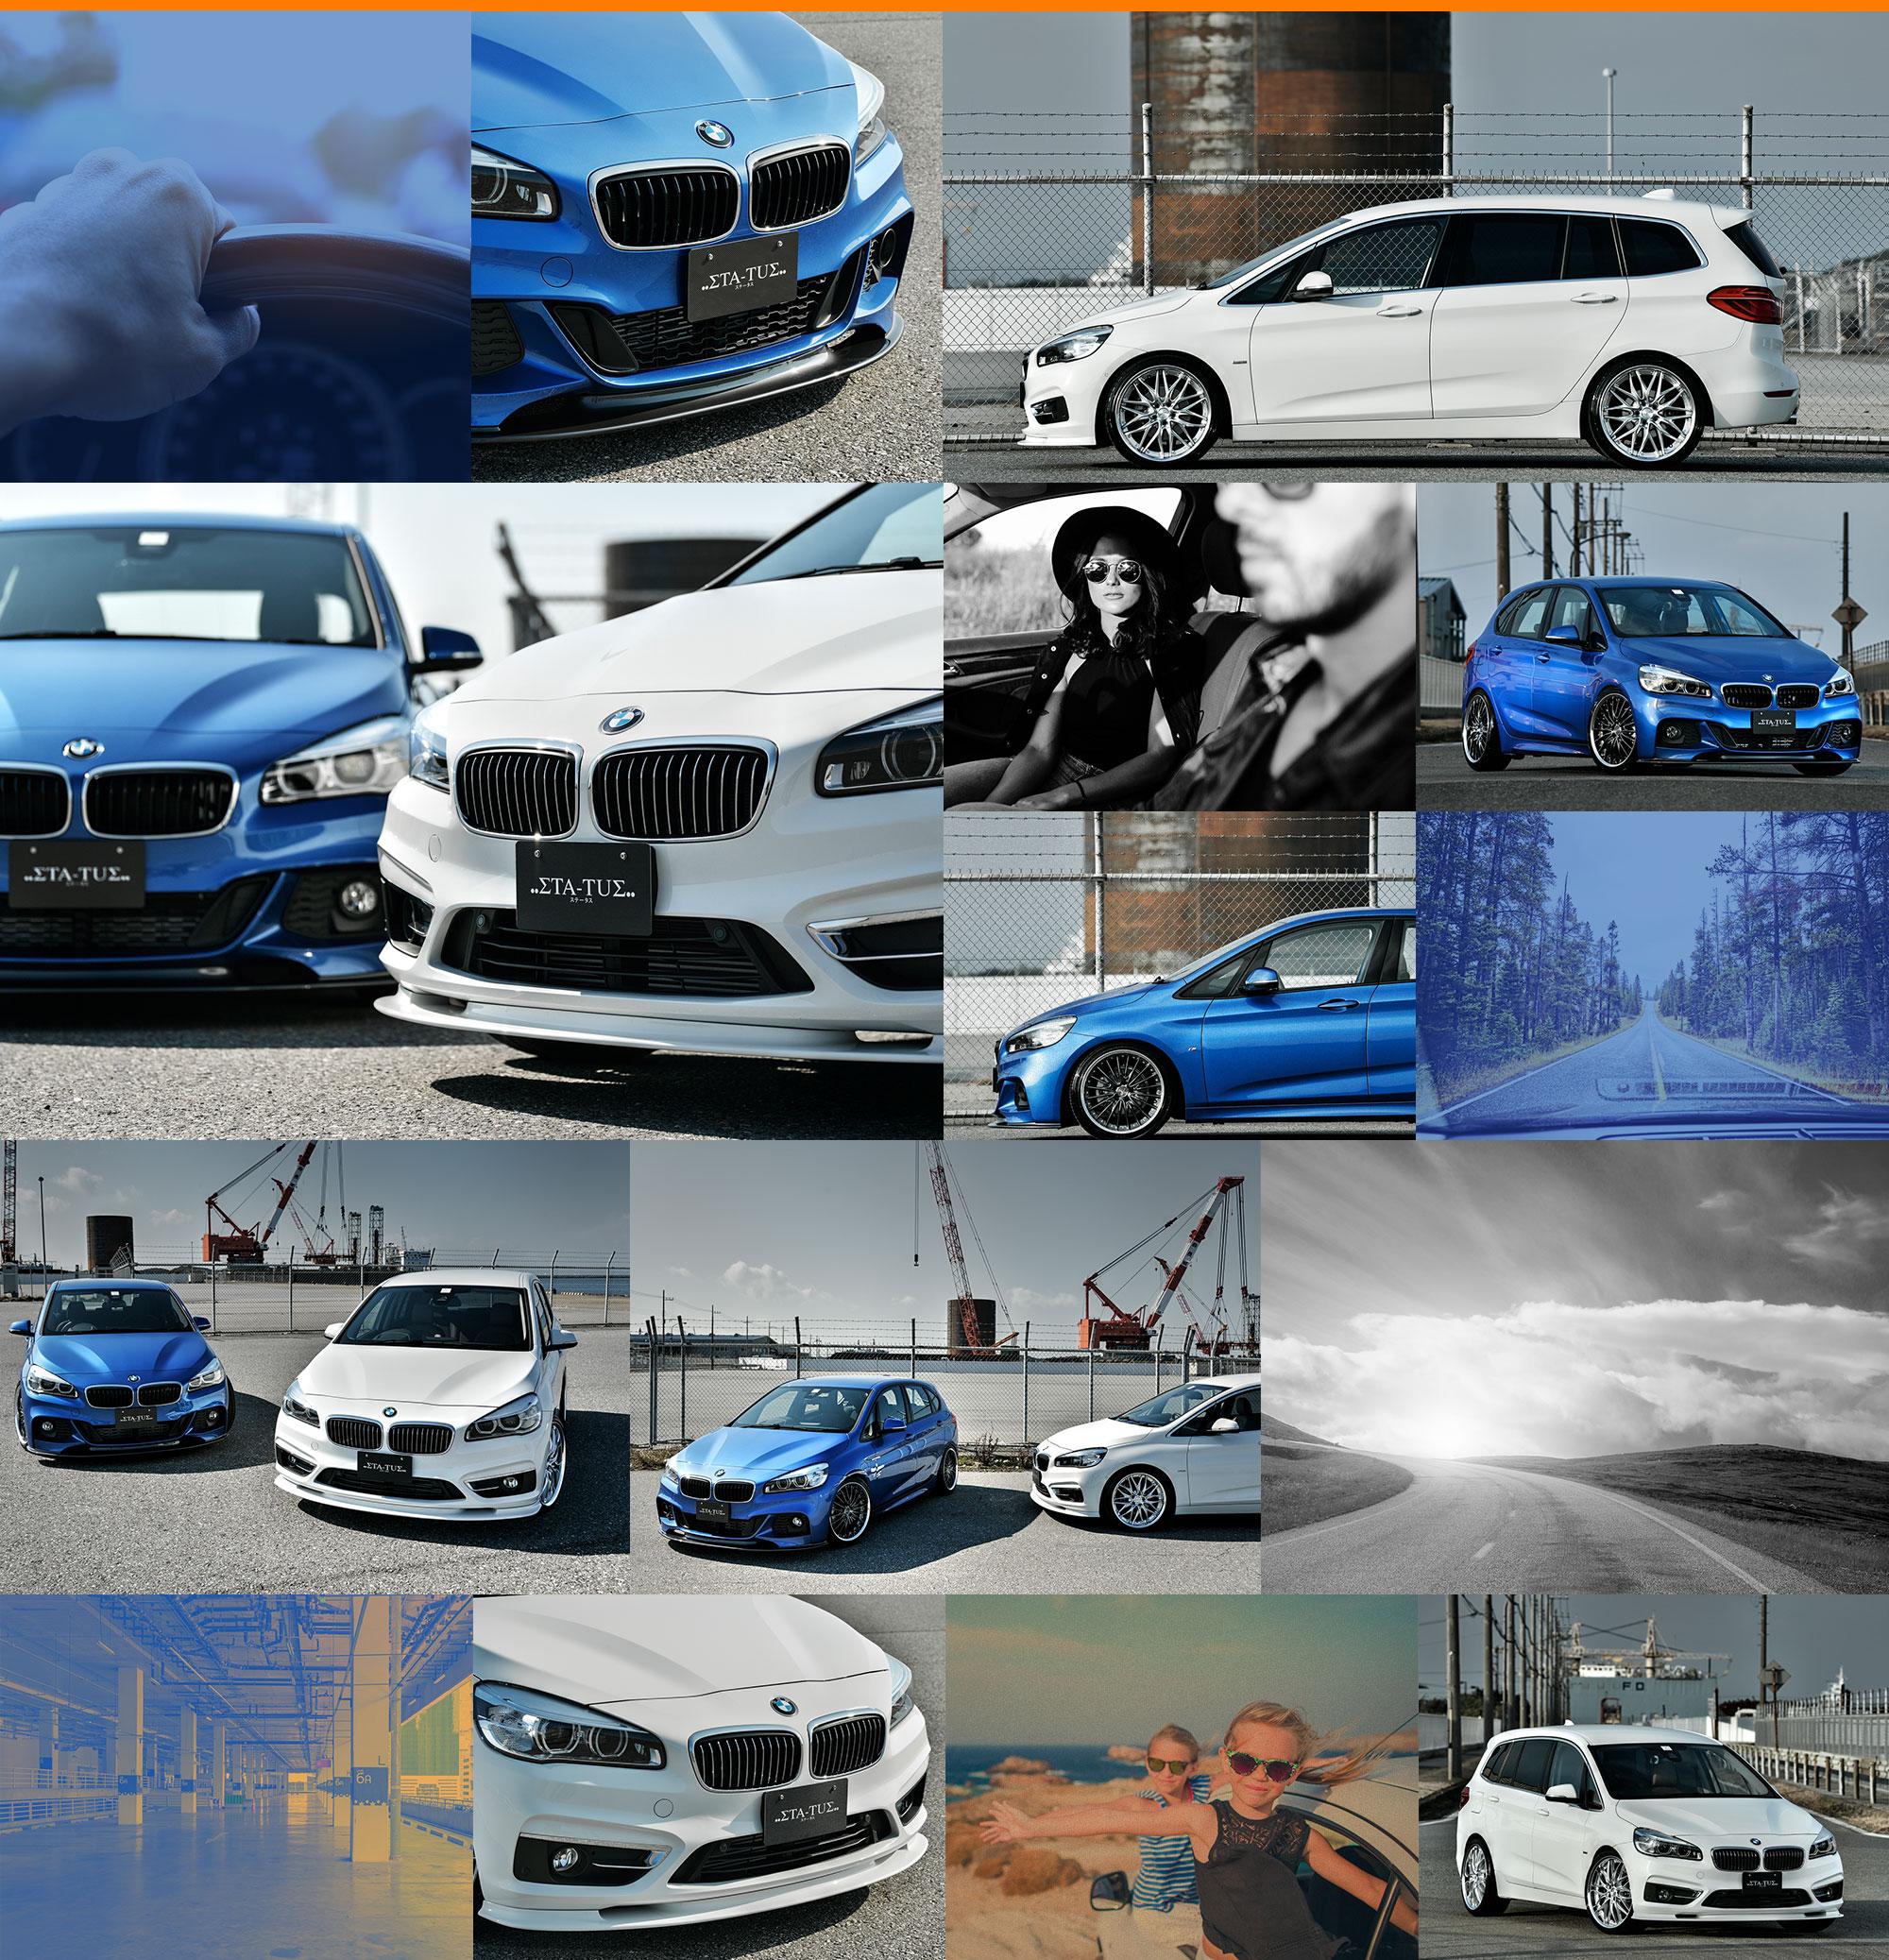 STA-TUS 車両イメージギャラリー